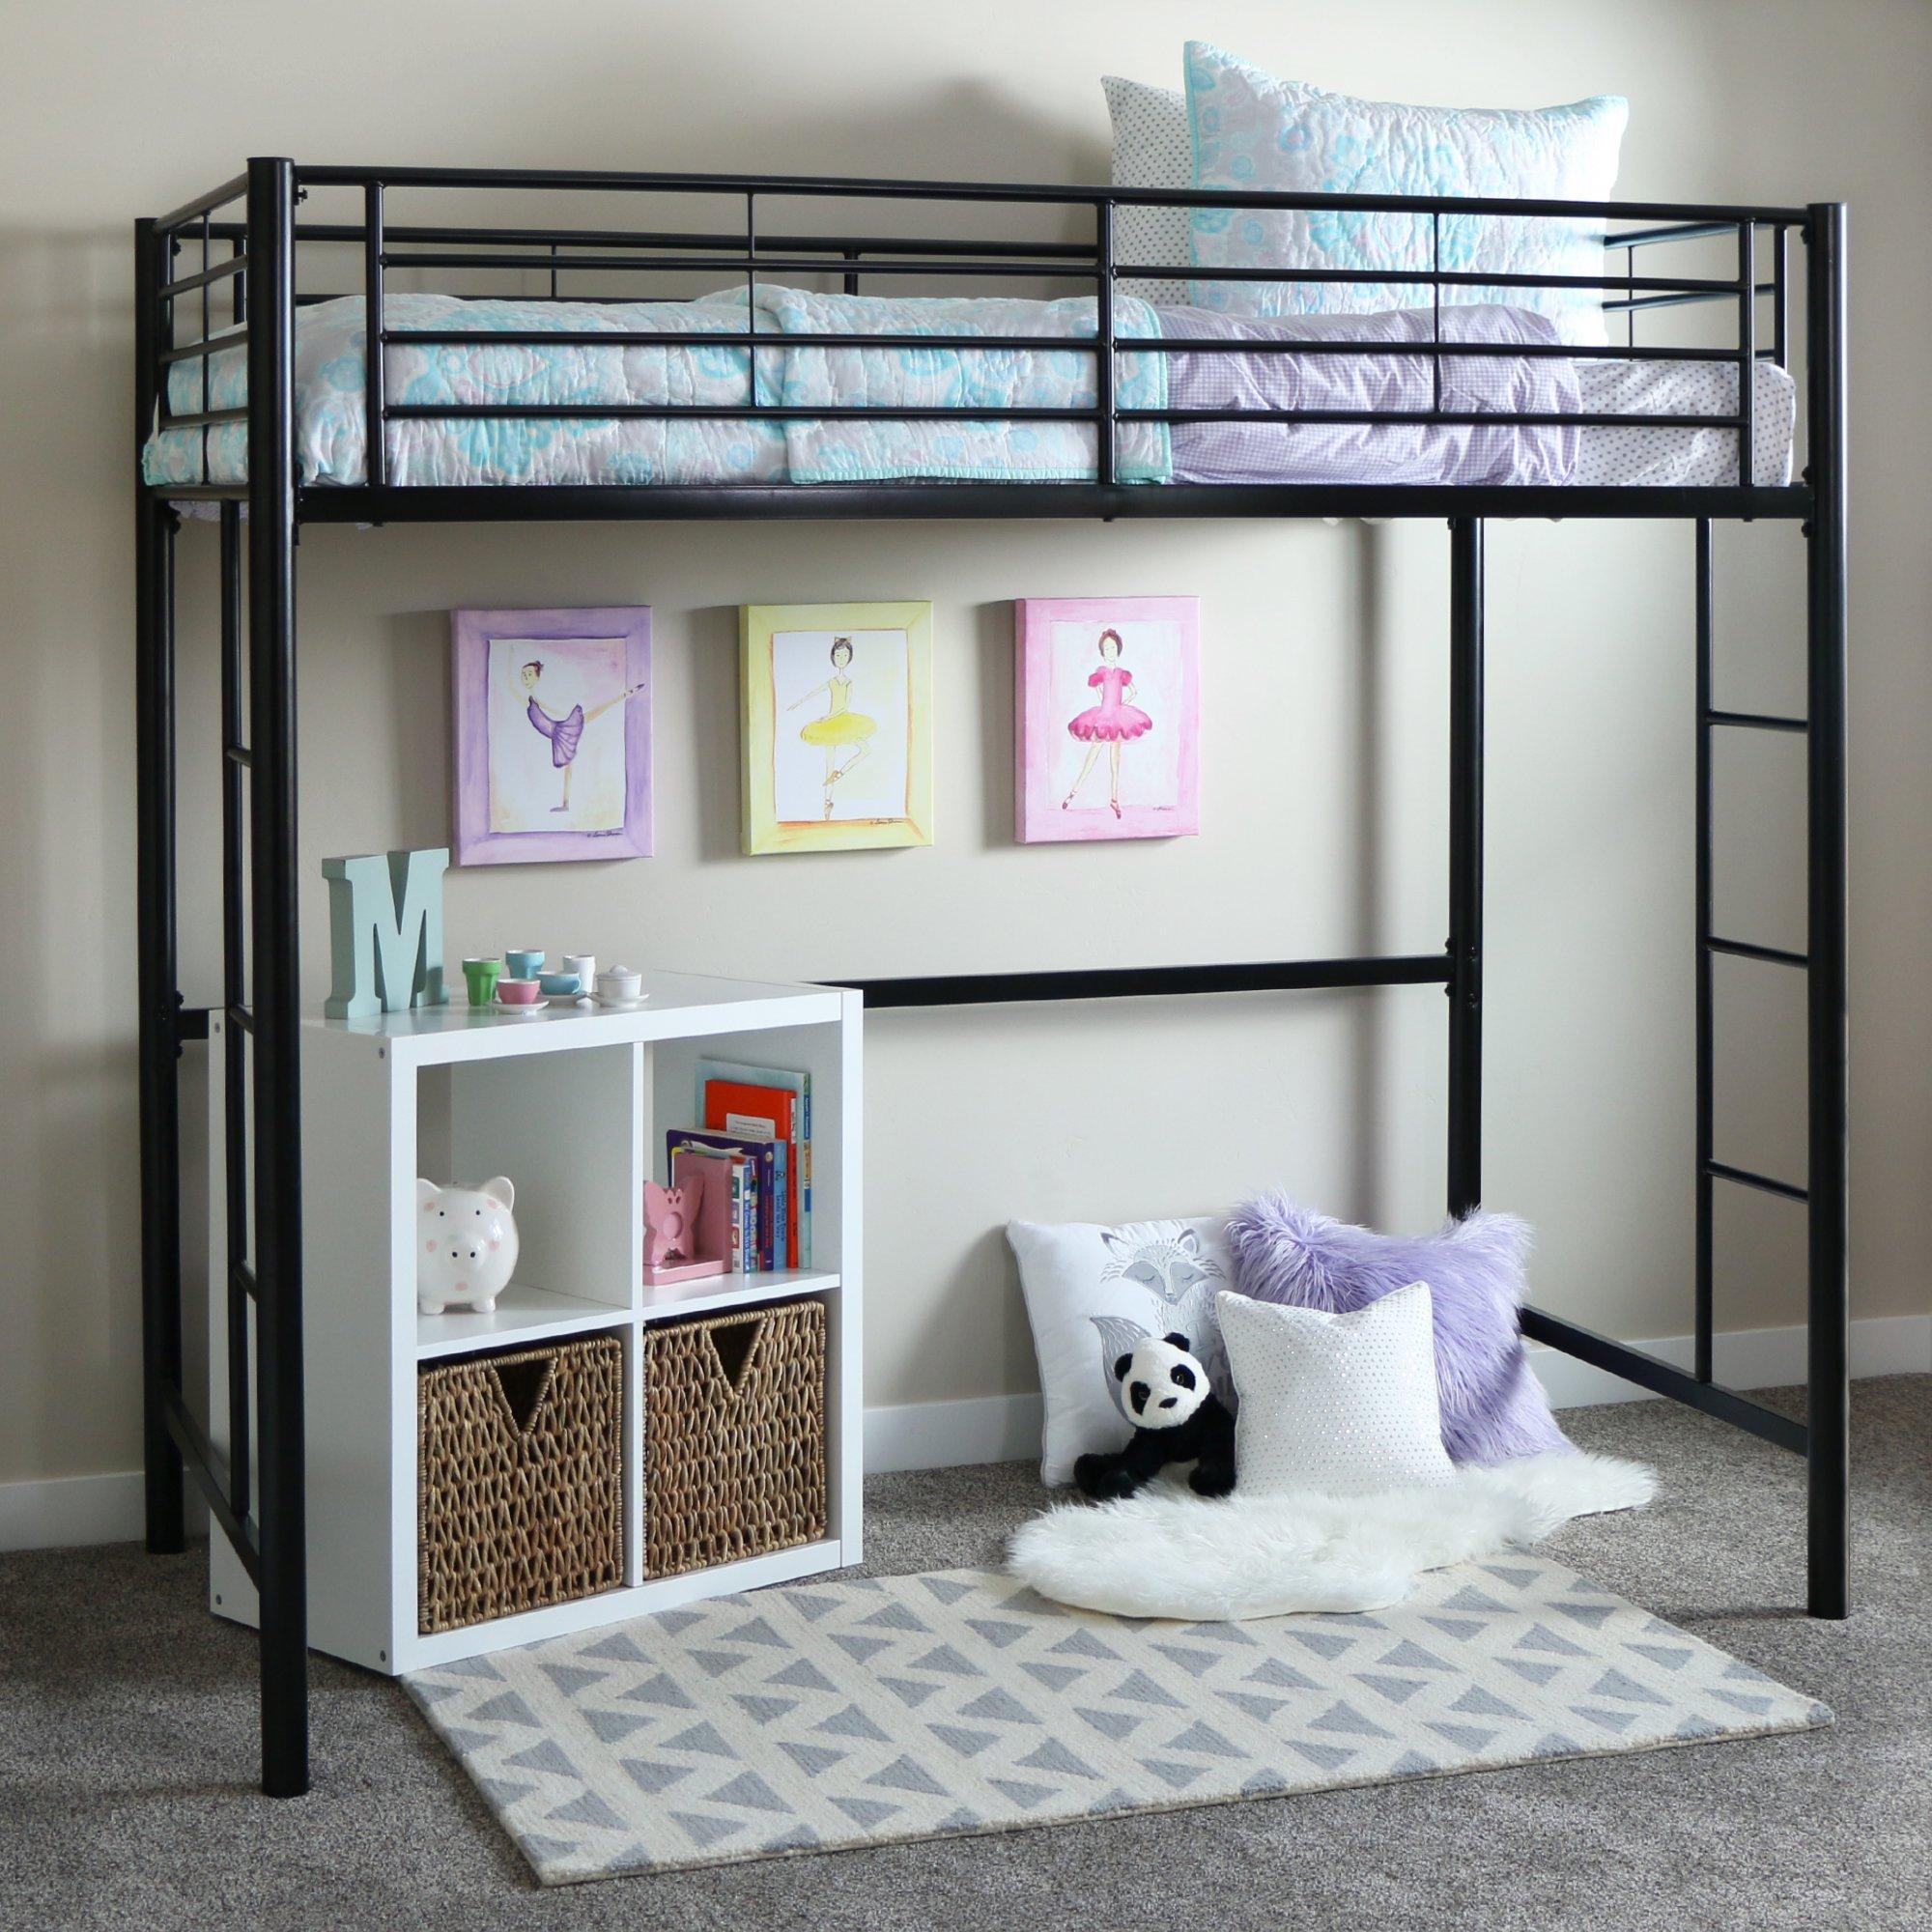 Walker Edison Twin Metal Loft Bed, Black by Walker Edison Furniture Company